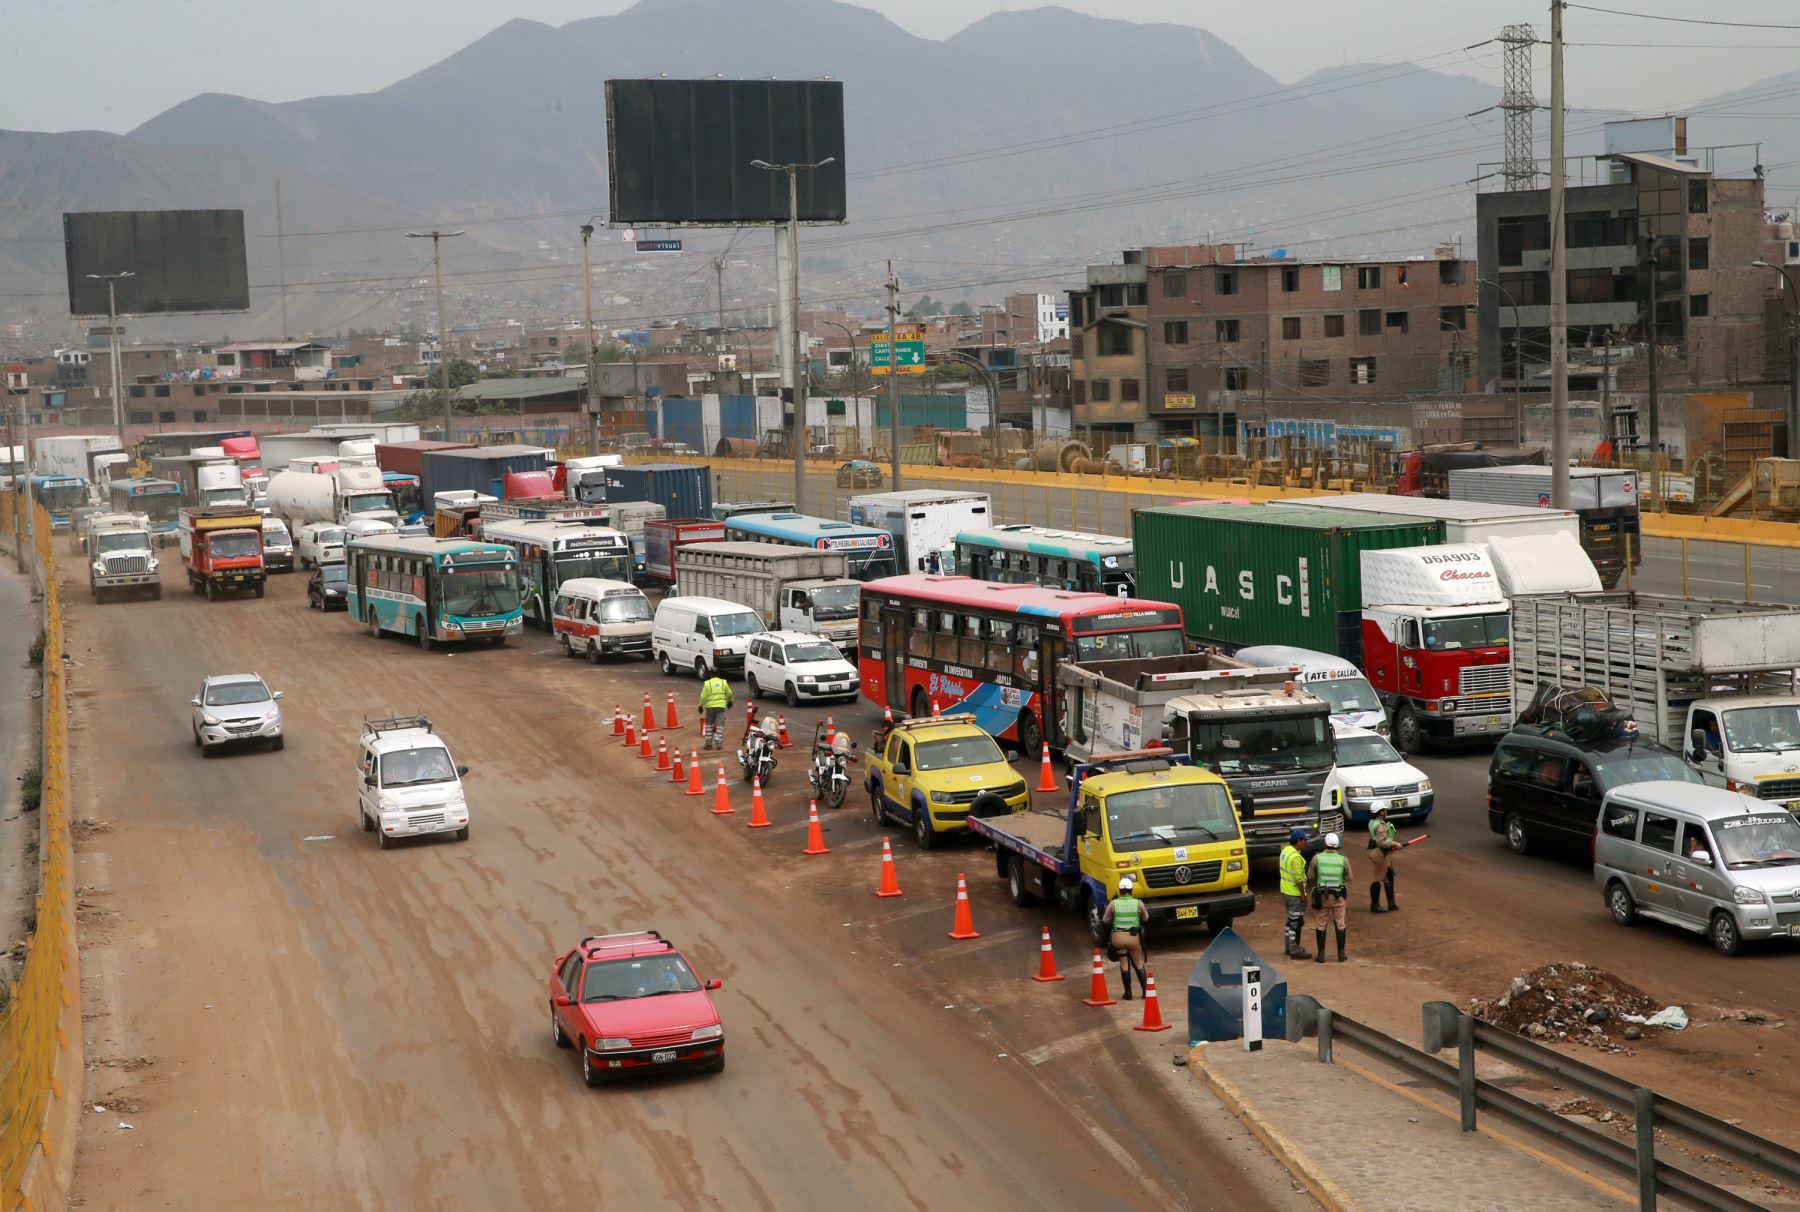 Un carril de la vía aún sigue sin ser abierto. Foto: ANDINA/Norman Córdova